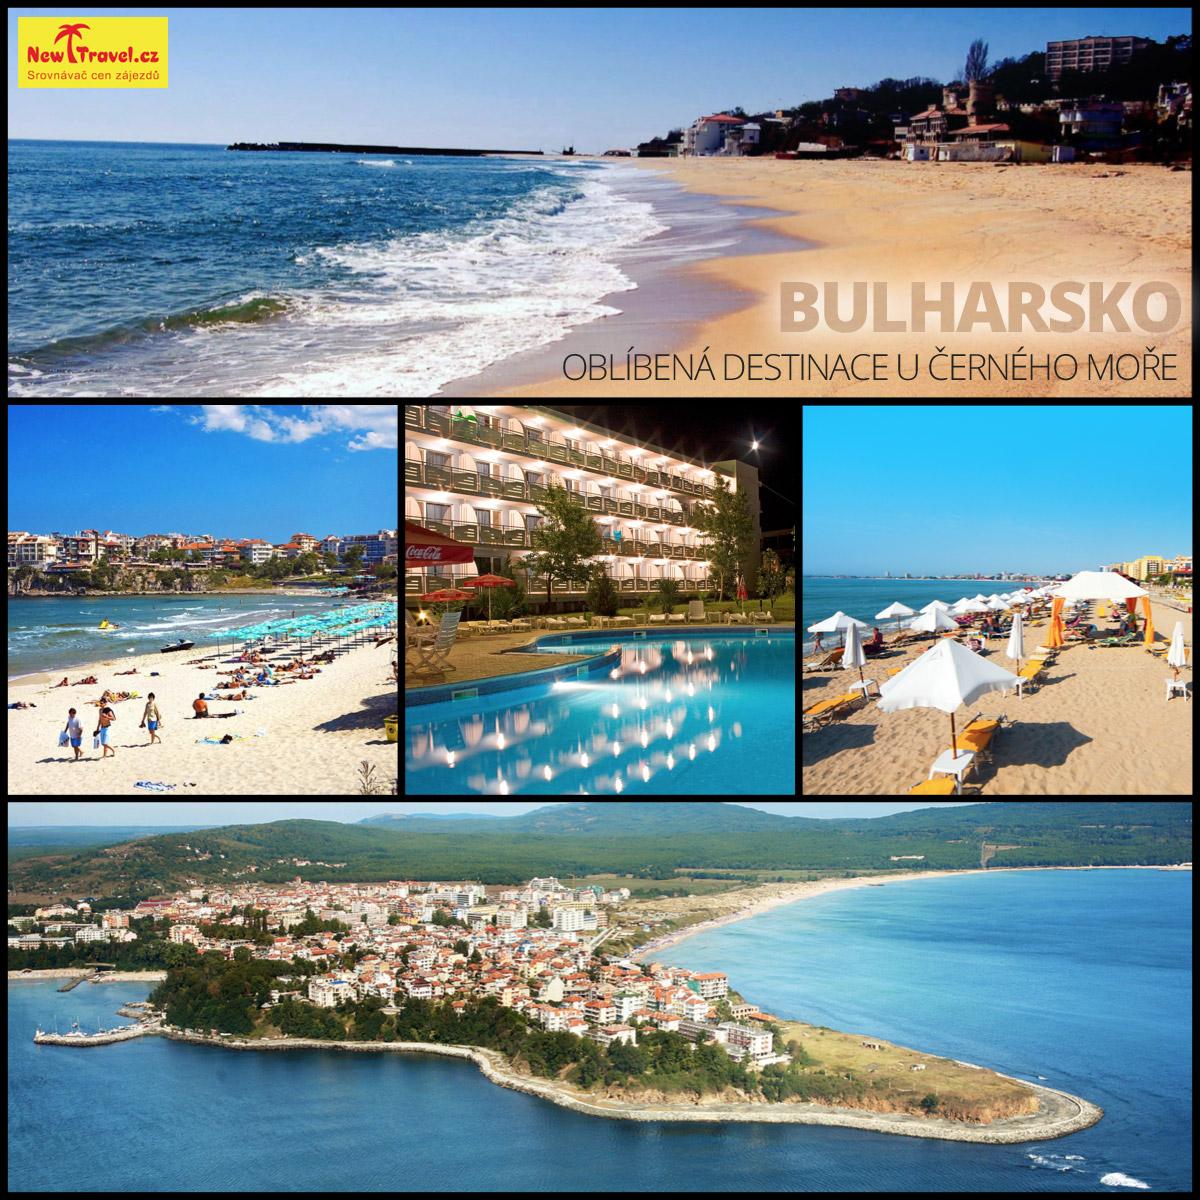 Bulharsko, oblíbená destinace jihovýchodní Evropy z časů ne zas tak dávno minulých, je znovu hitem cestovních kanceláří.